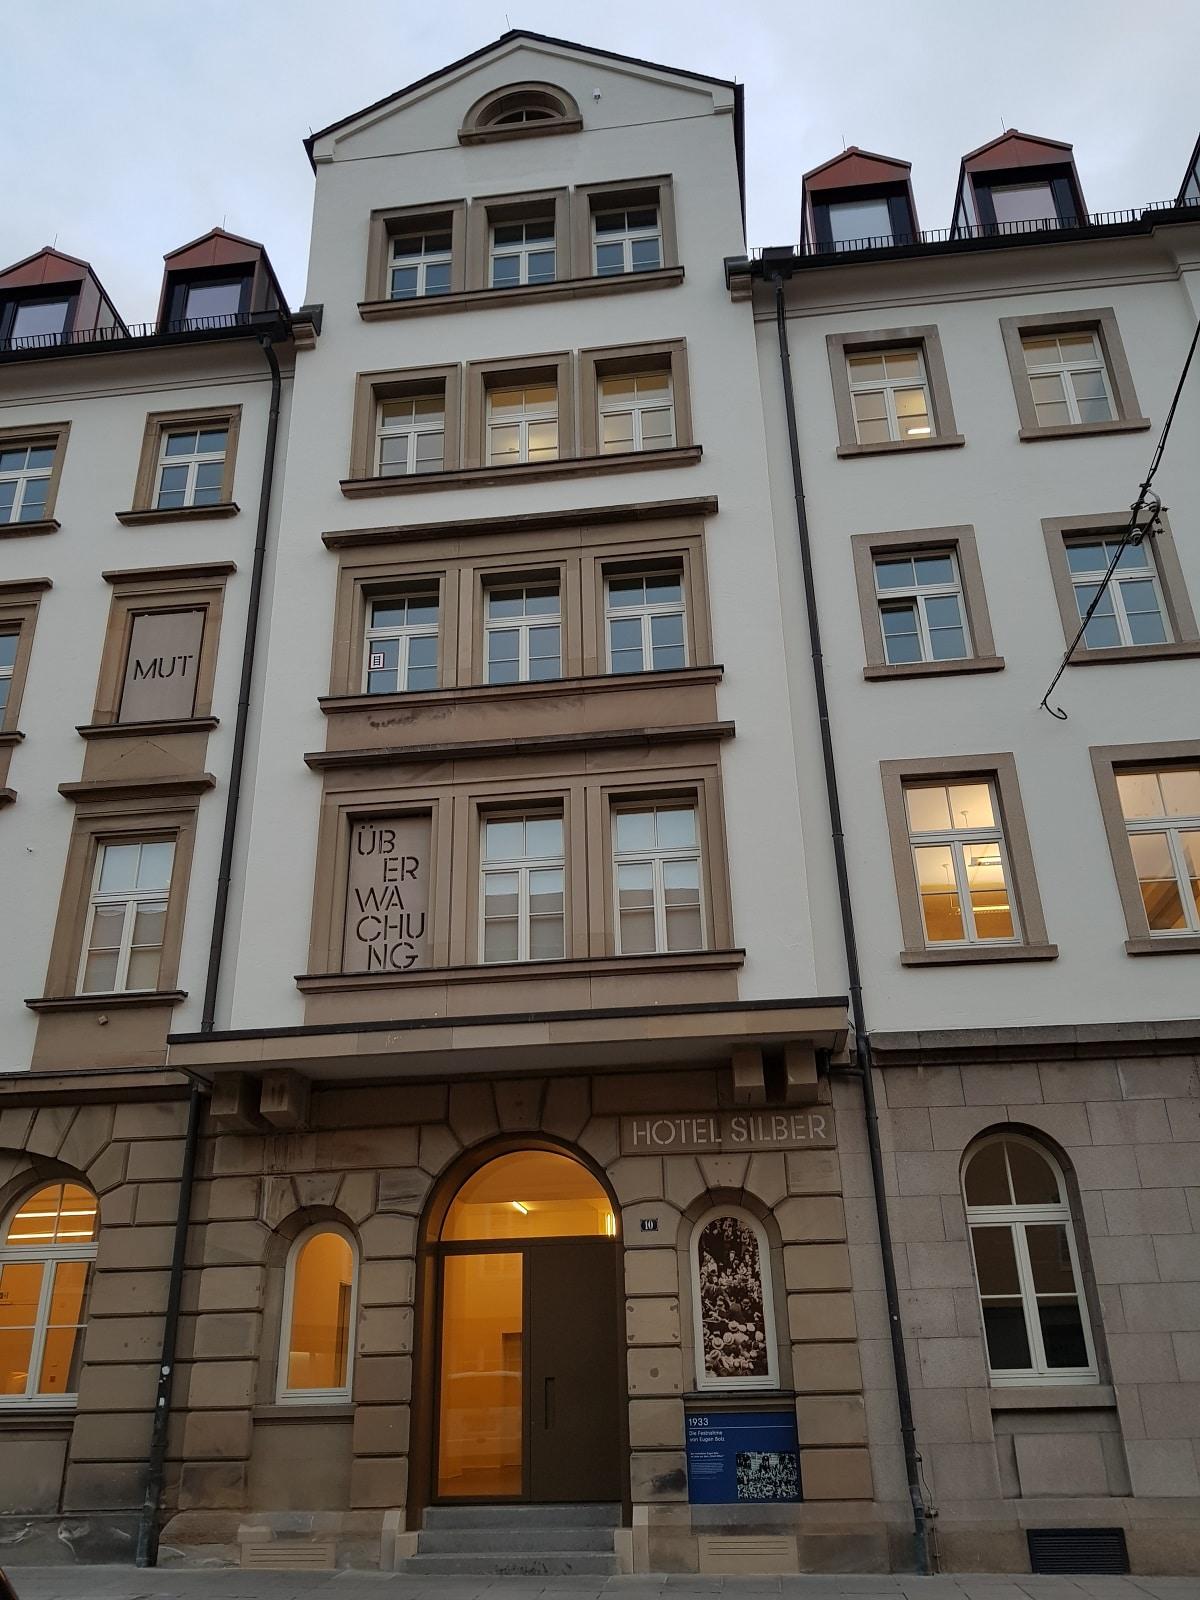 Hotel Silber, Seiteneingang in der Dorotheenstraße